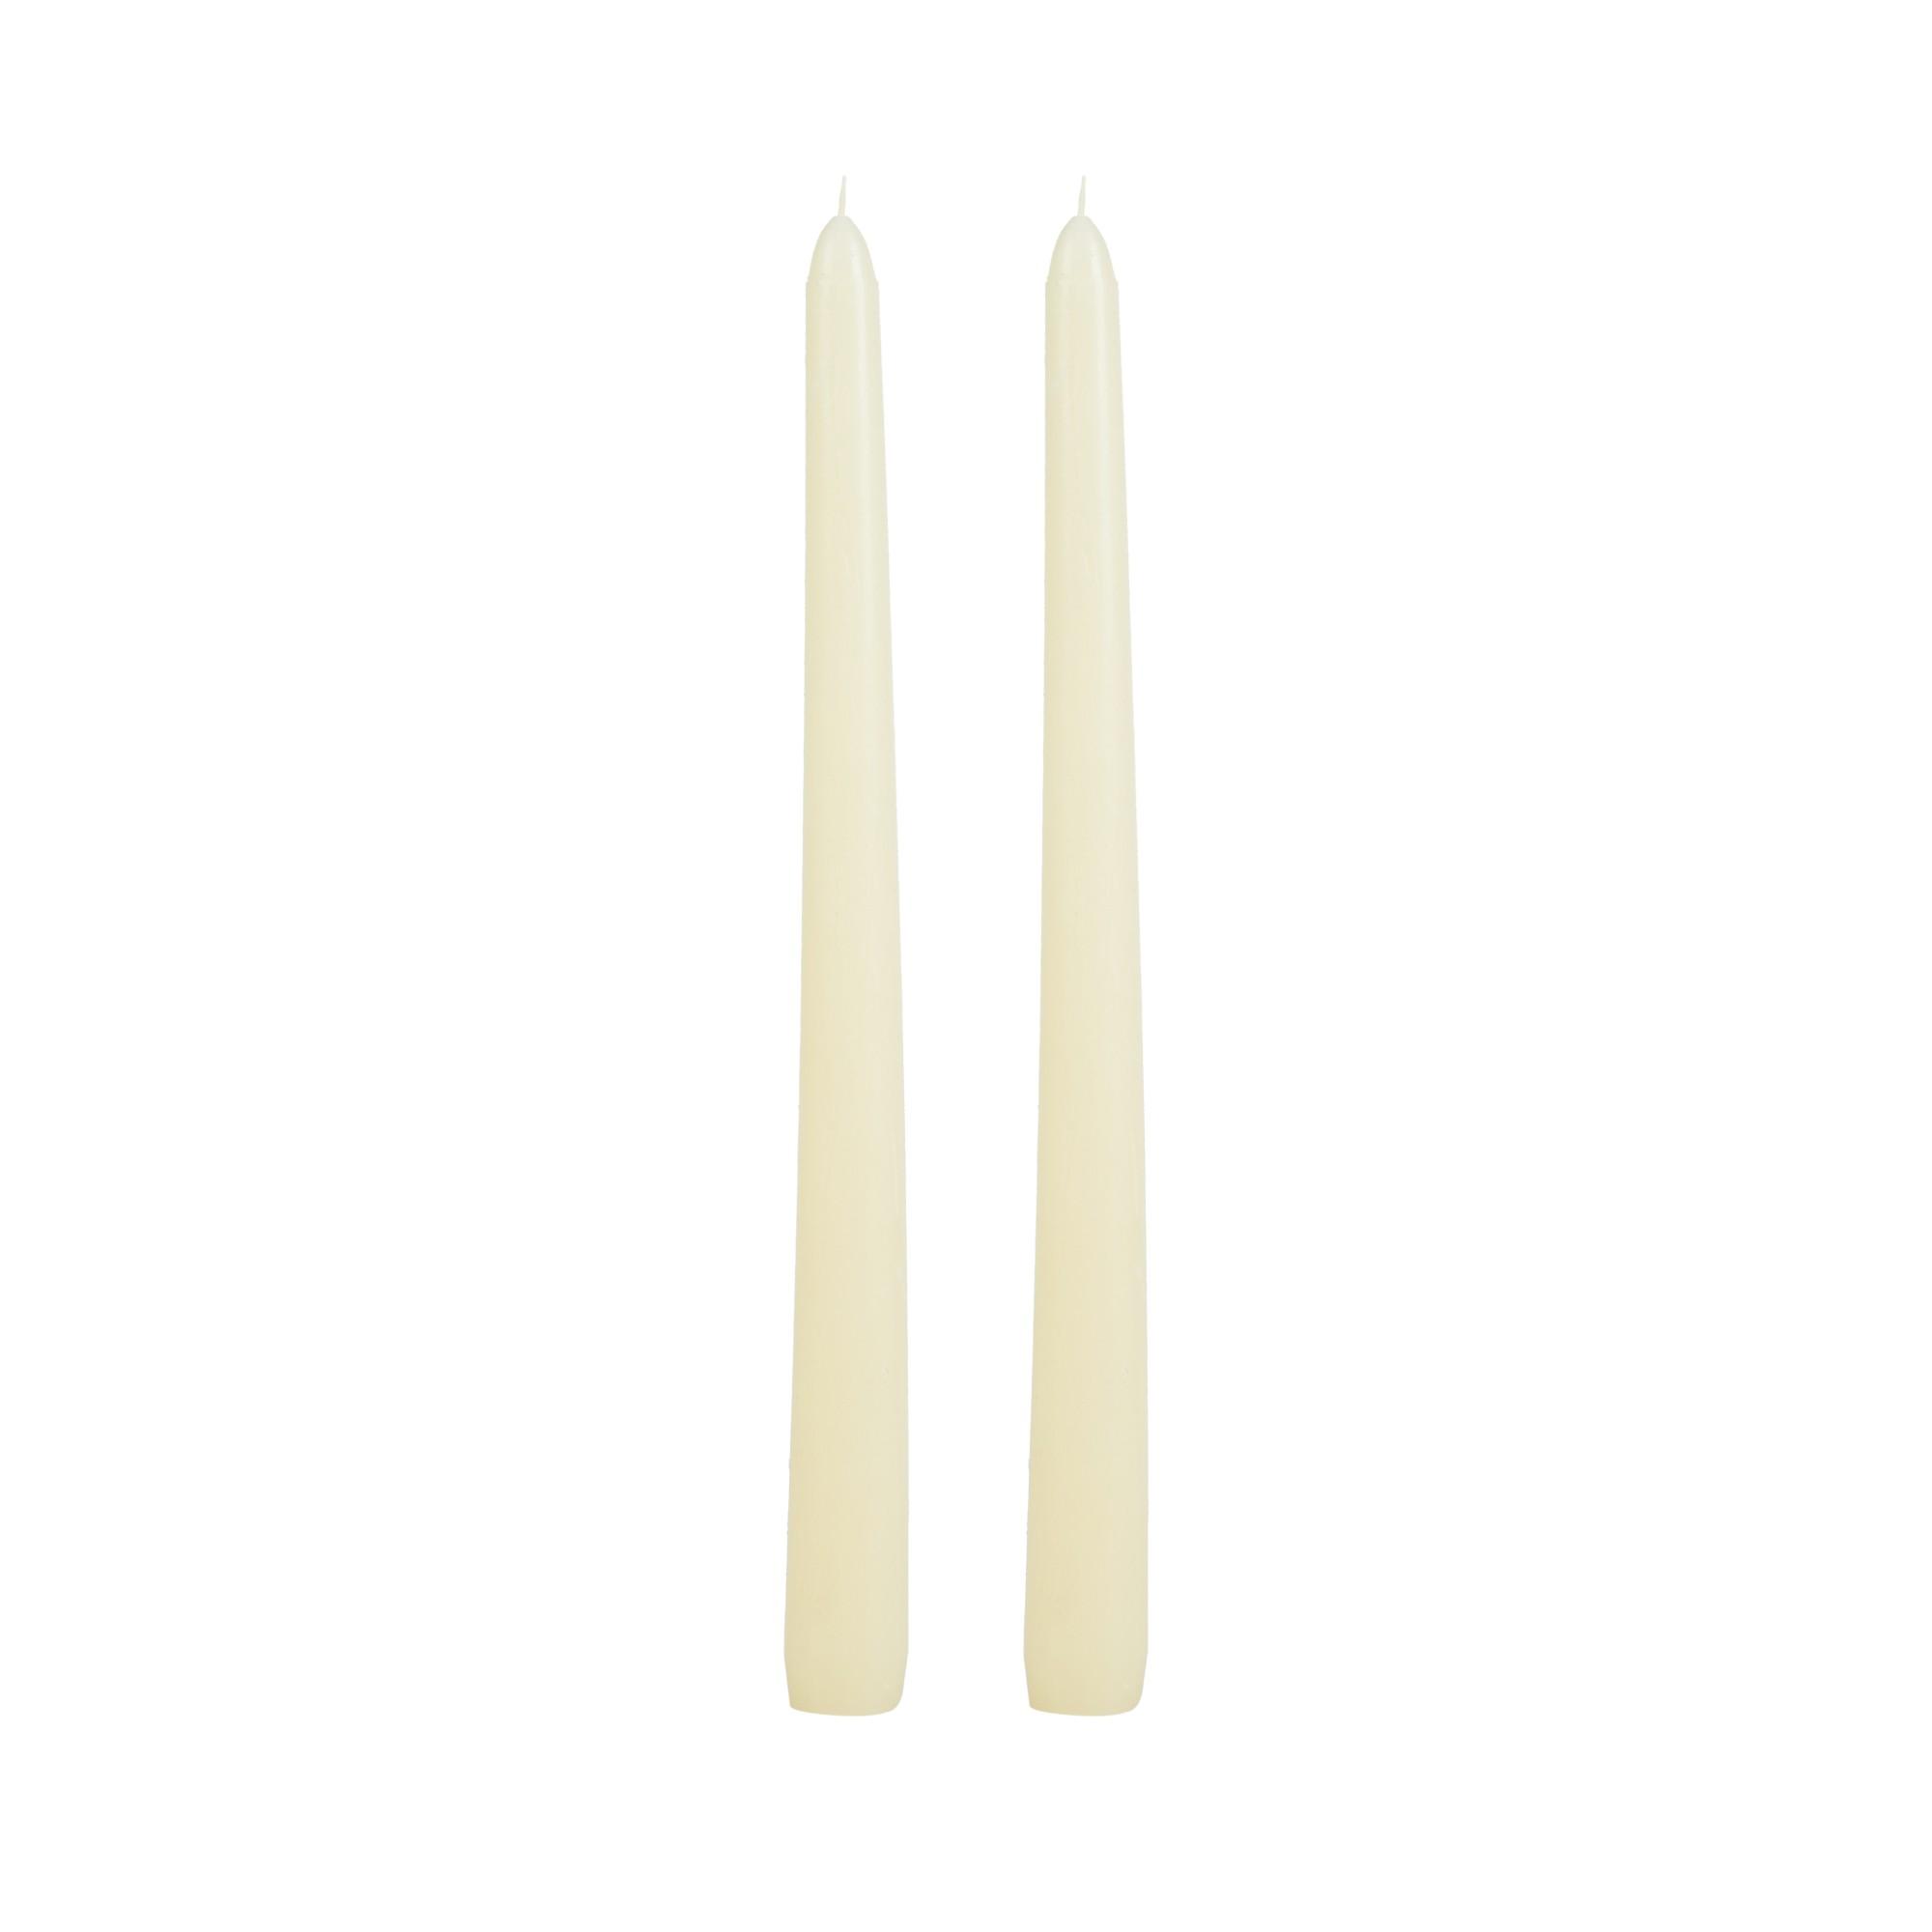 Par de velas para castiçal marfim